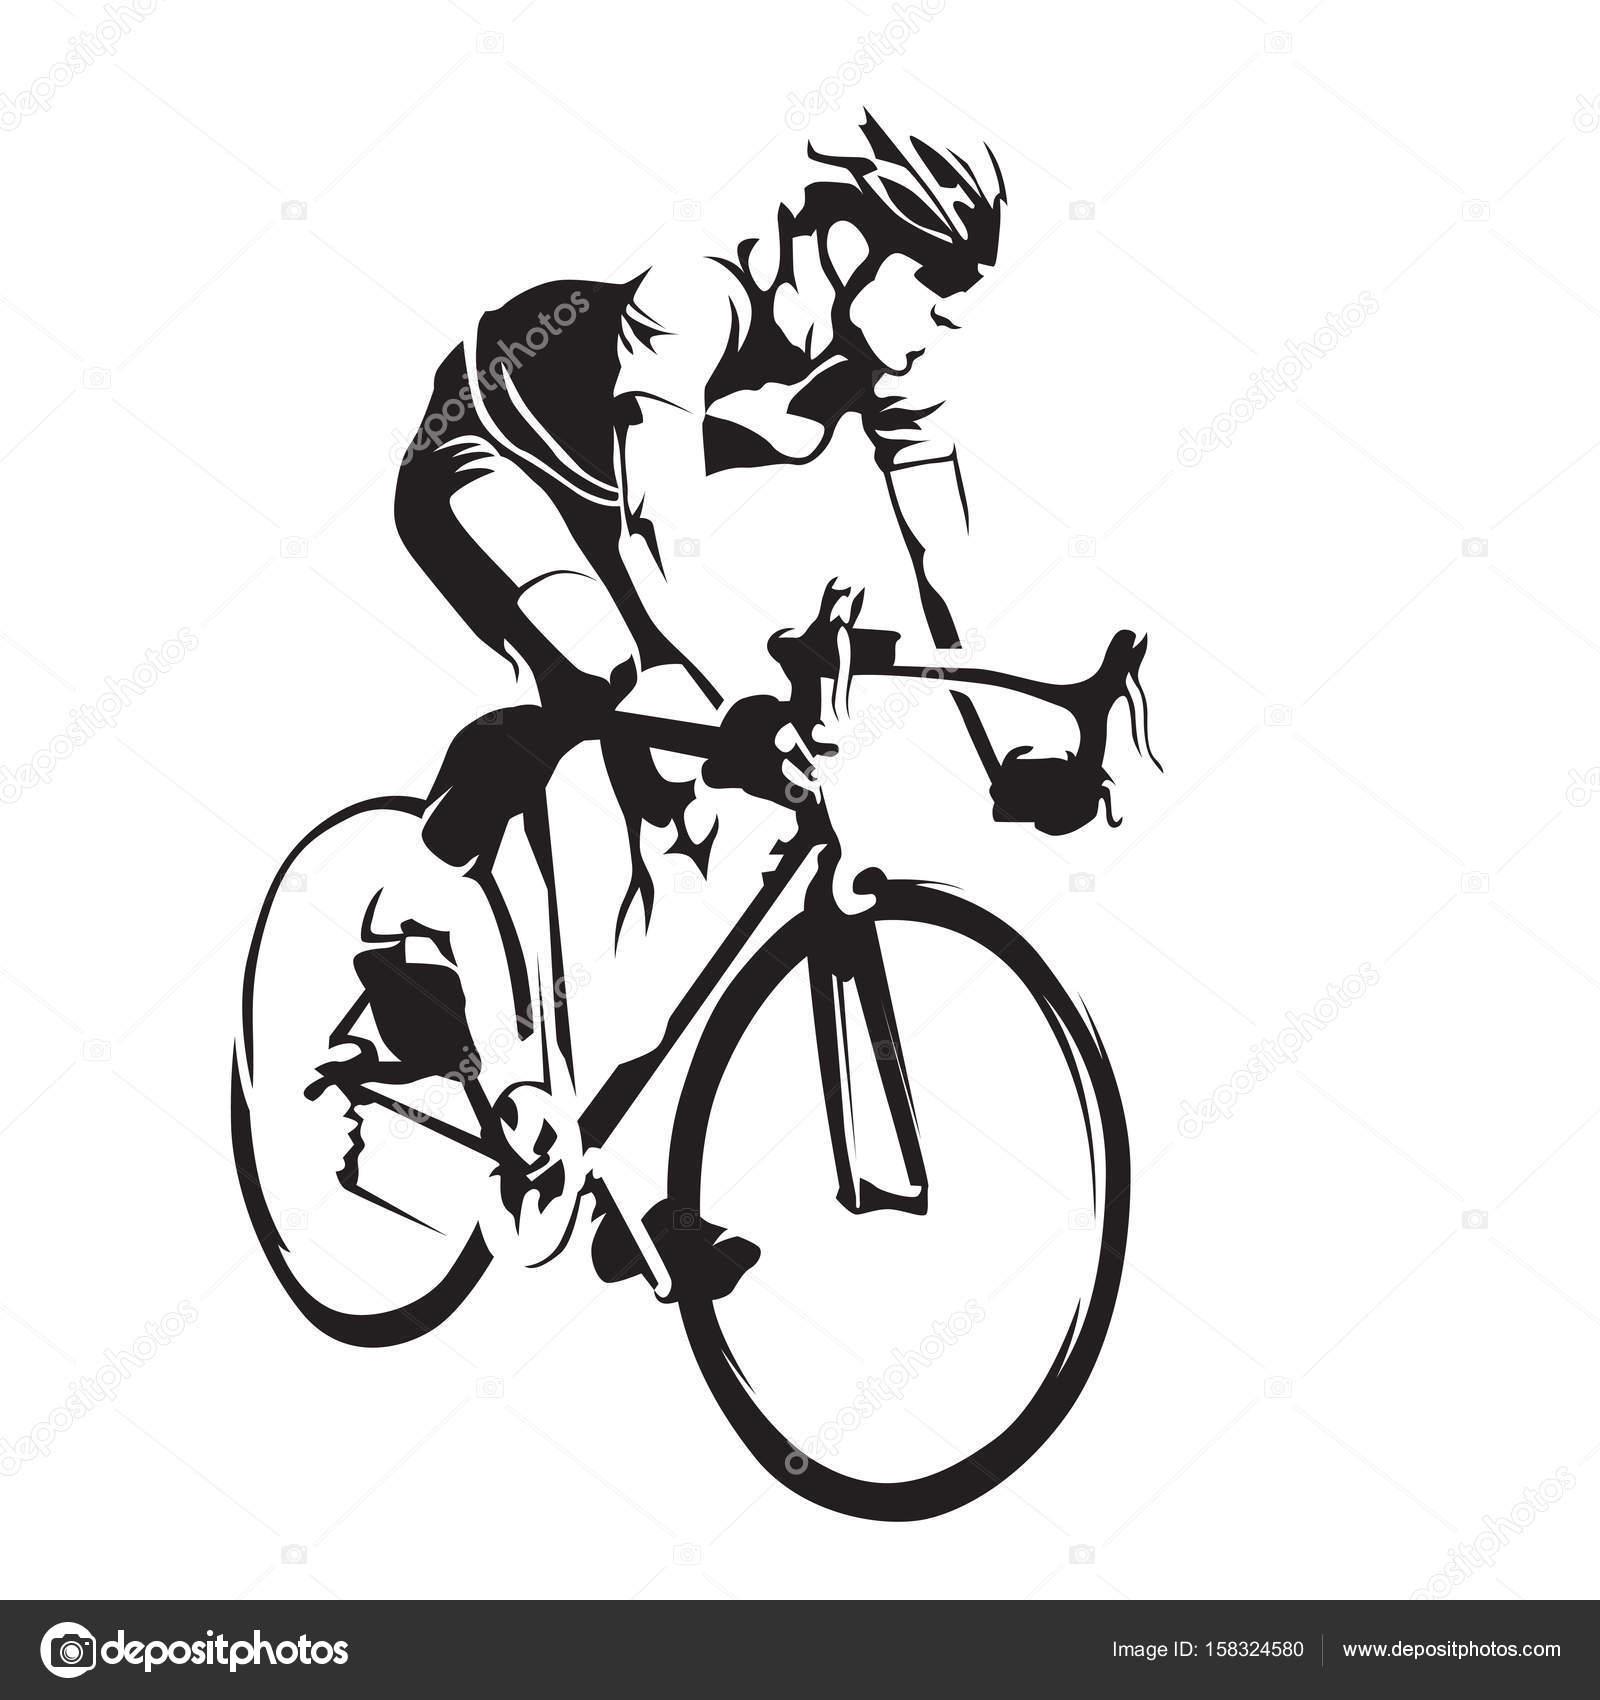 ciclista em sua bicicleta de estrada silhueta de vetor abstrato de